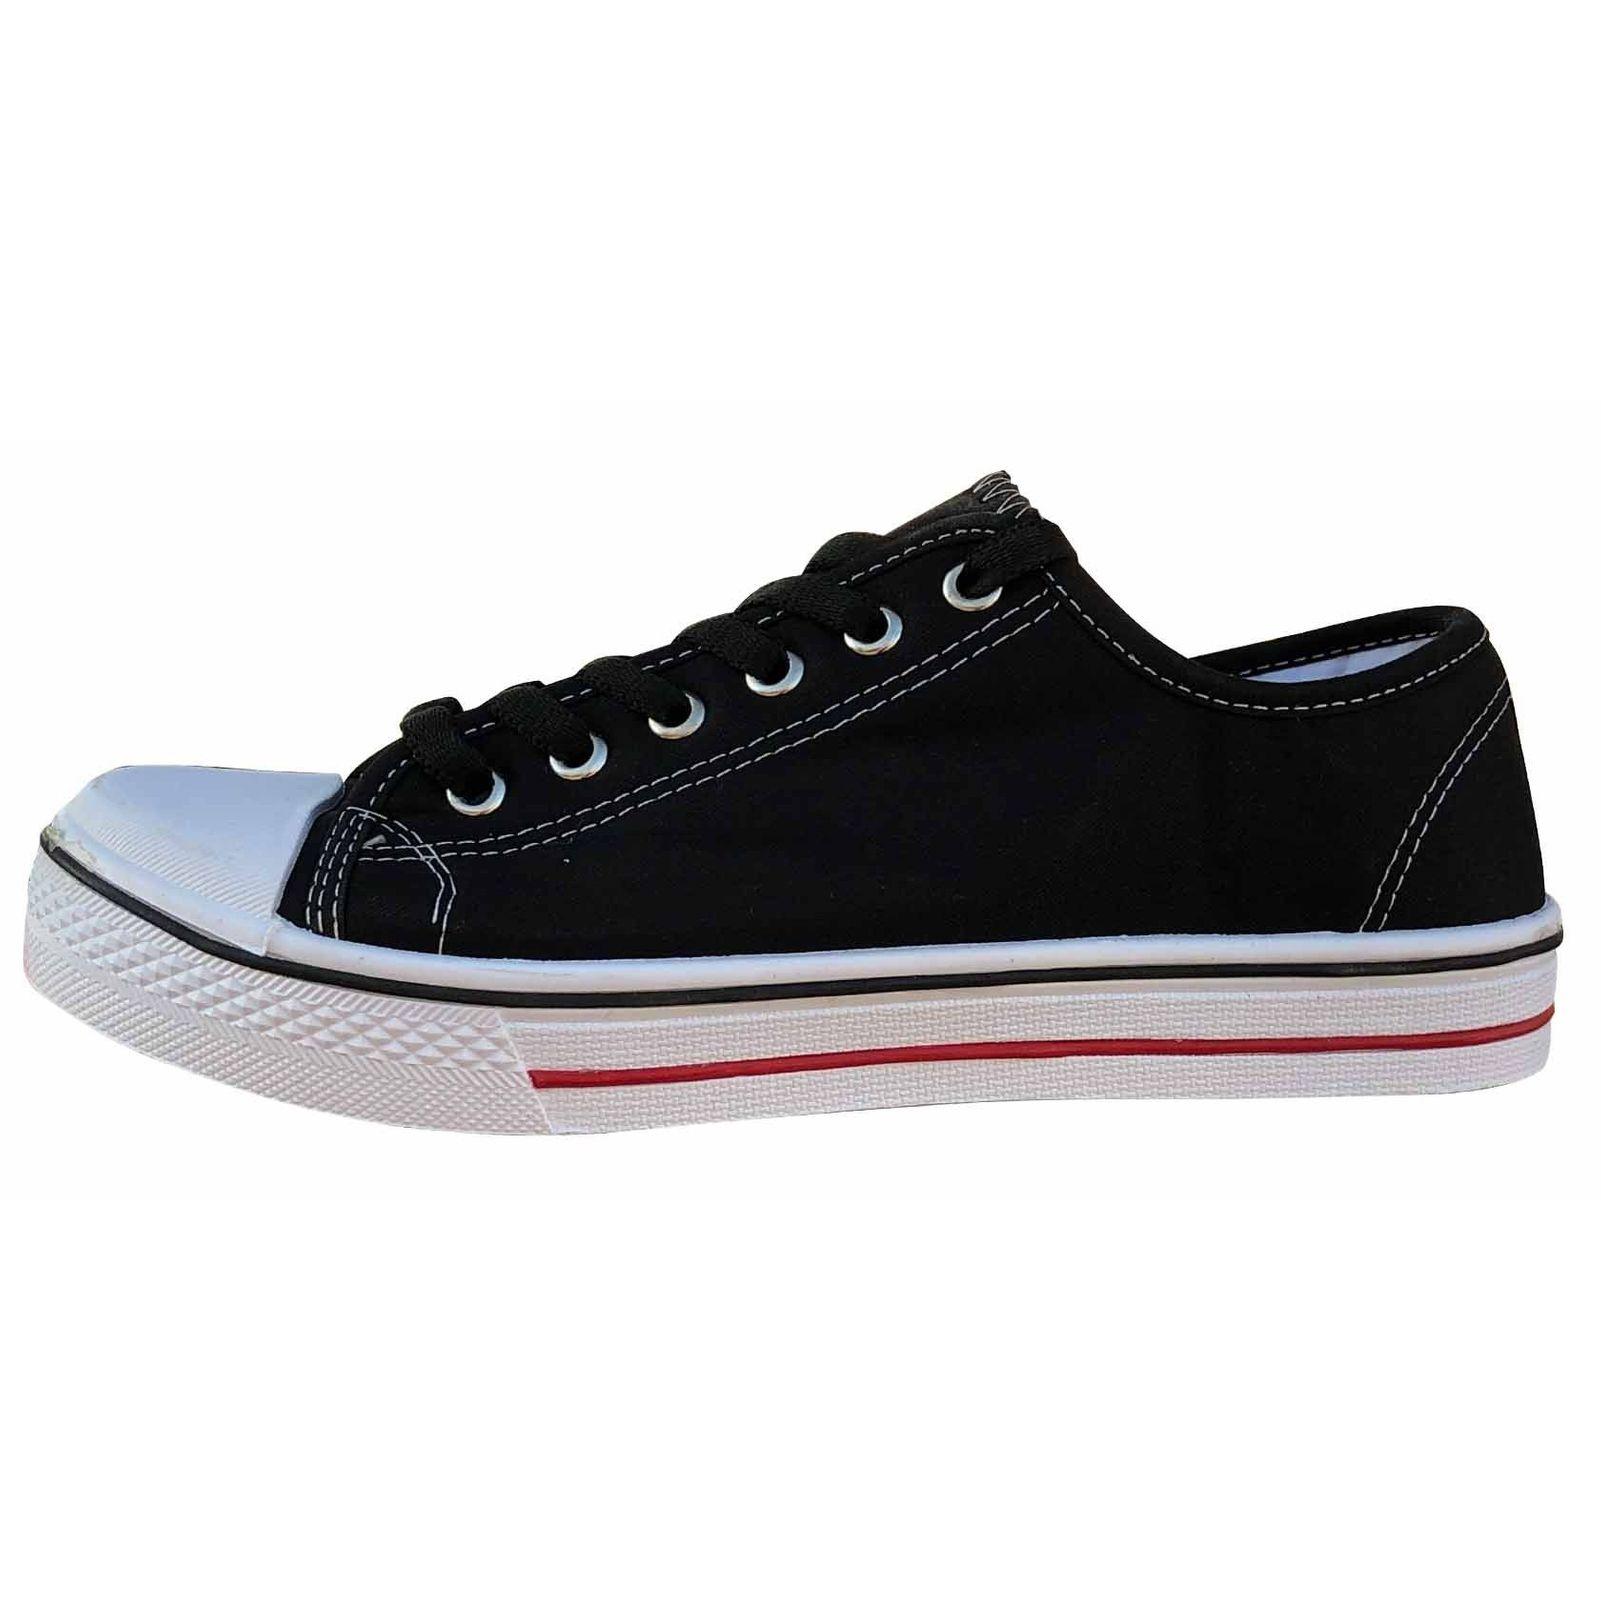 کفش راحتی زنانه کد 9783 main 1 1